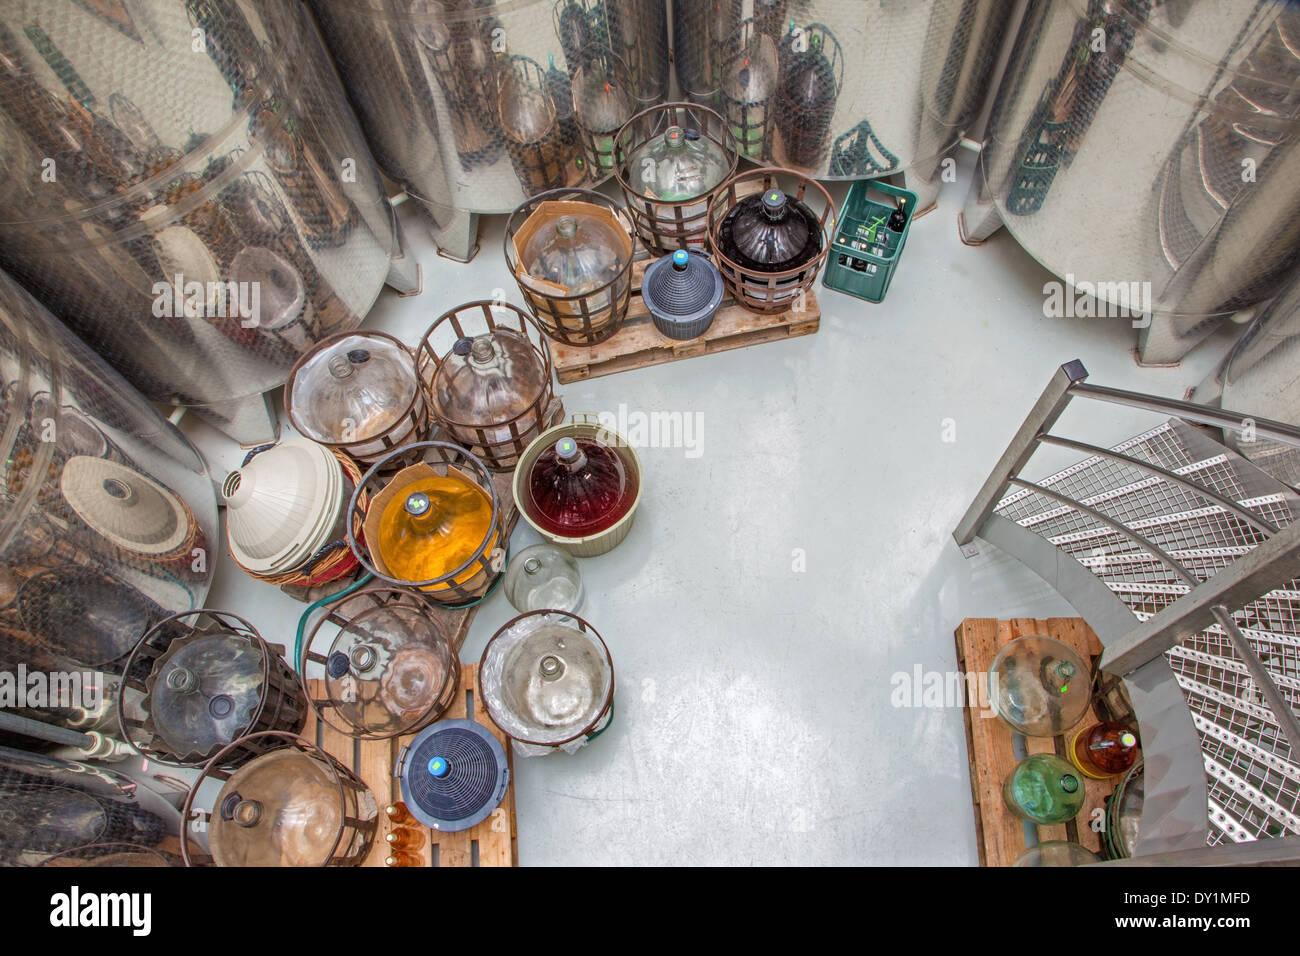 La fabricación de vino para interiores de gran productor eslovaco 'MRVA y Stanko'. Barrica grande moderno para la fermentación y los matraces Imagen De Stock